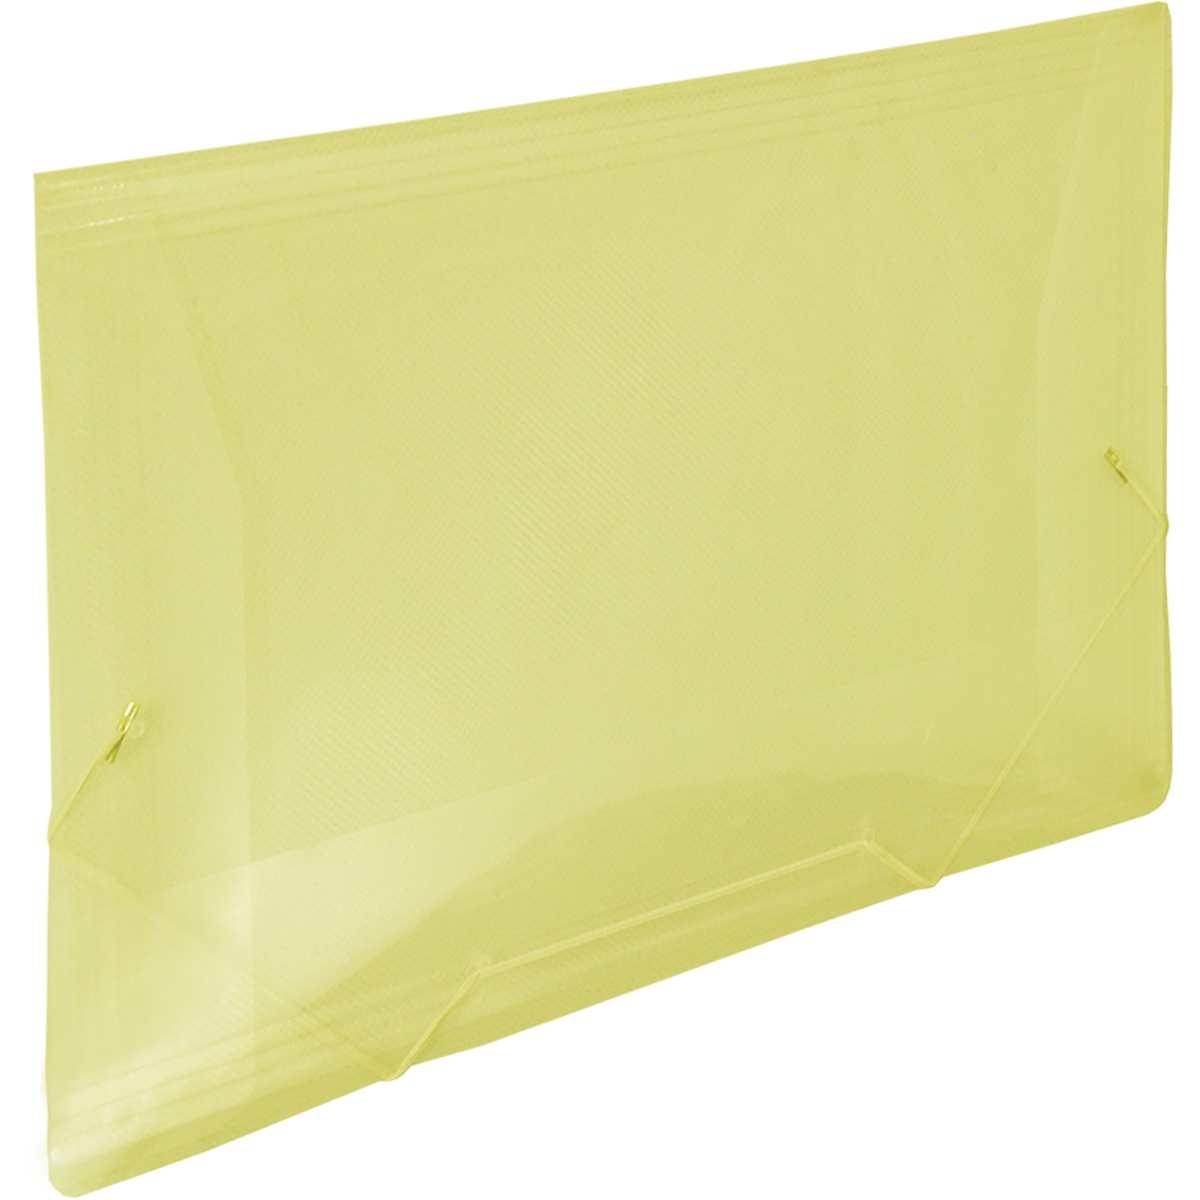 Pasta Aba Elastica - Plastica Oficio Amarela Line Pct.c/10 - Dac